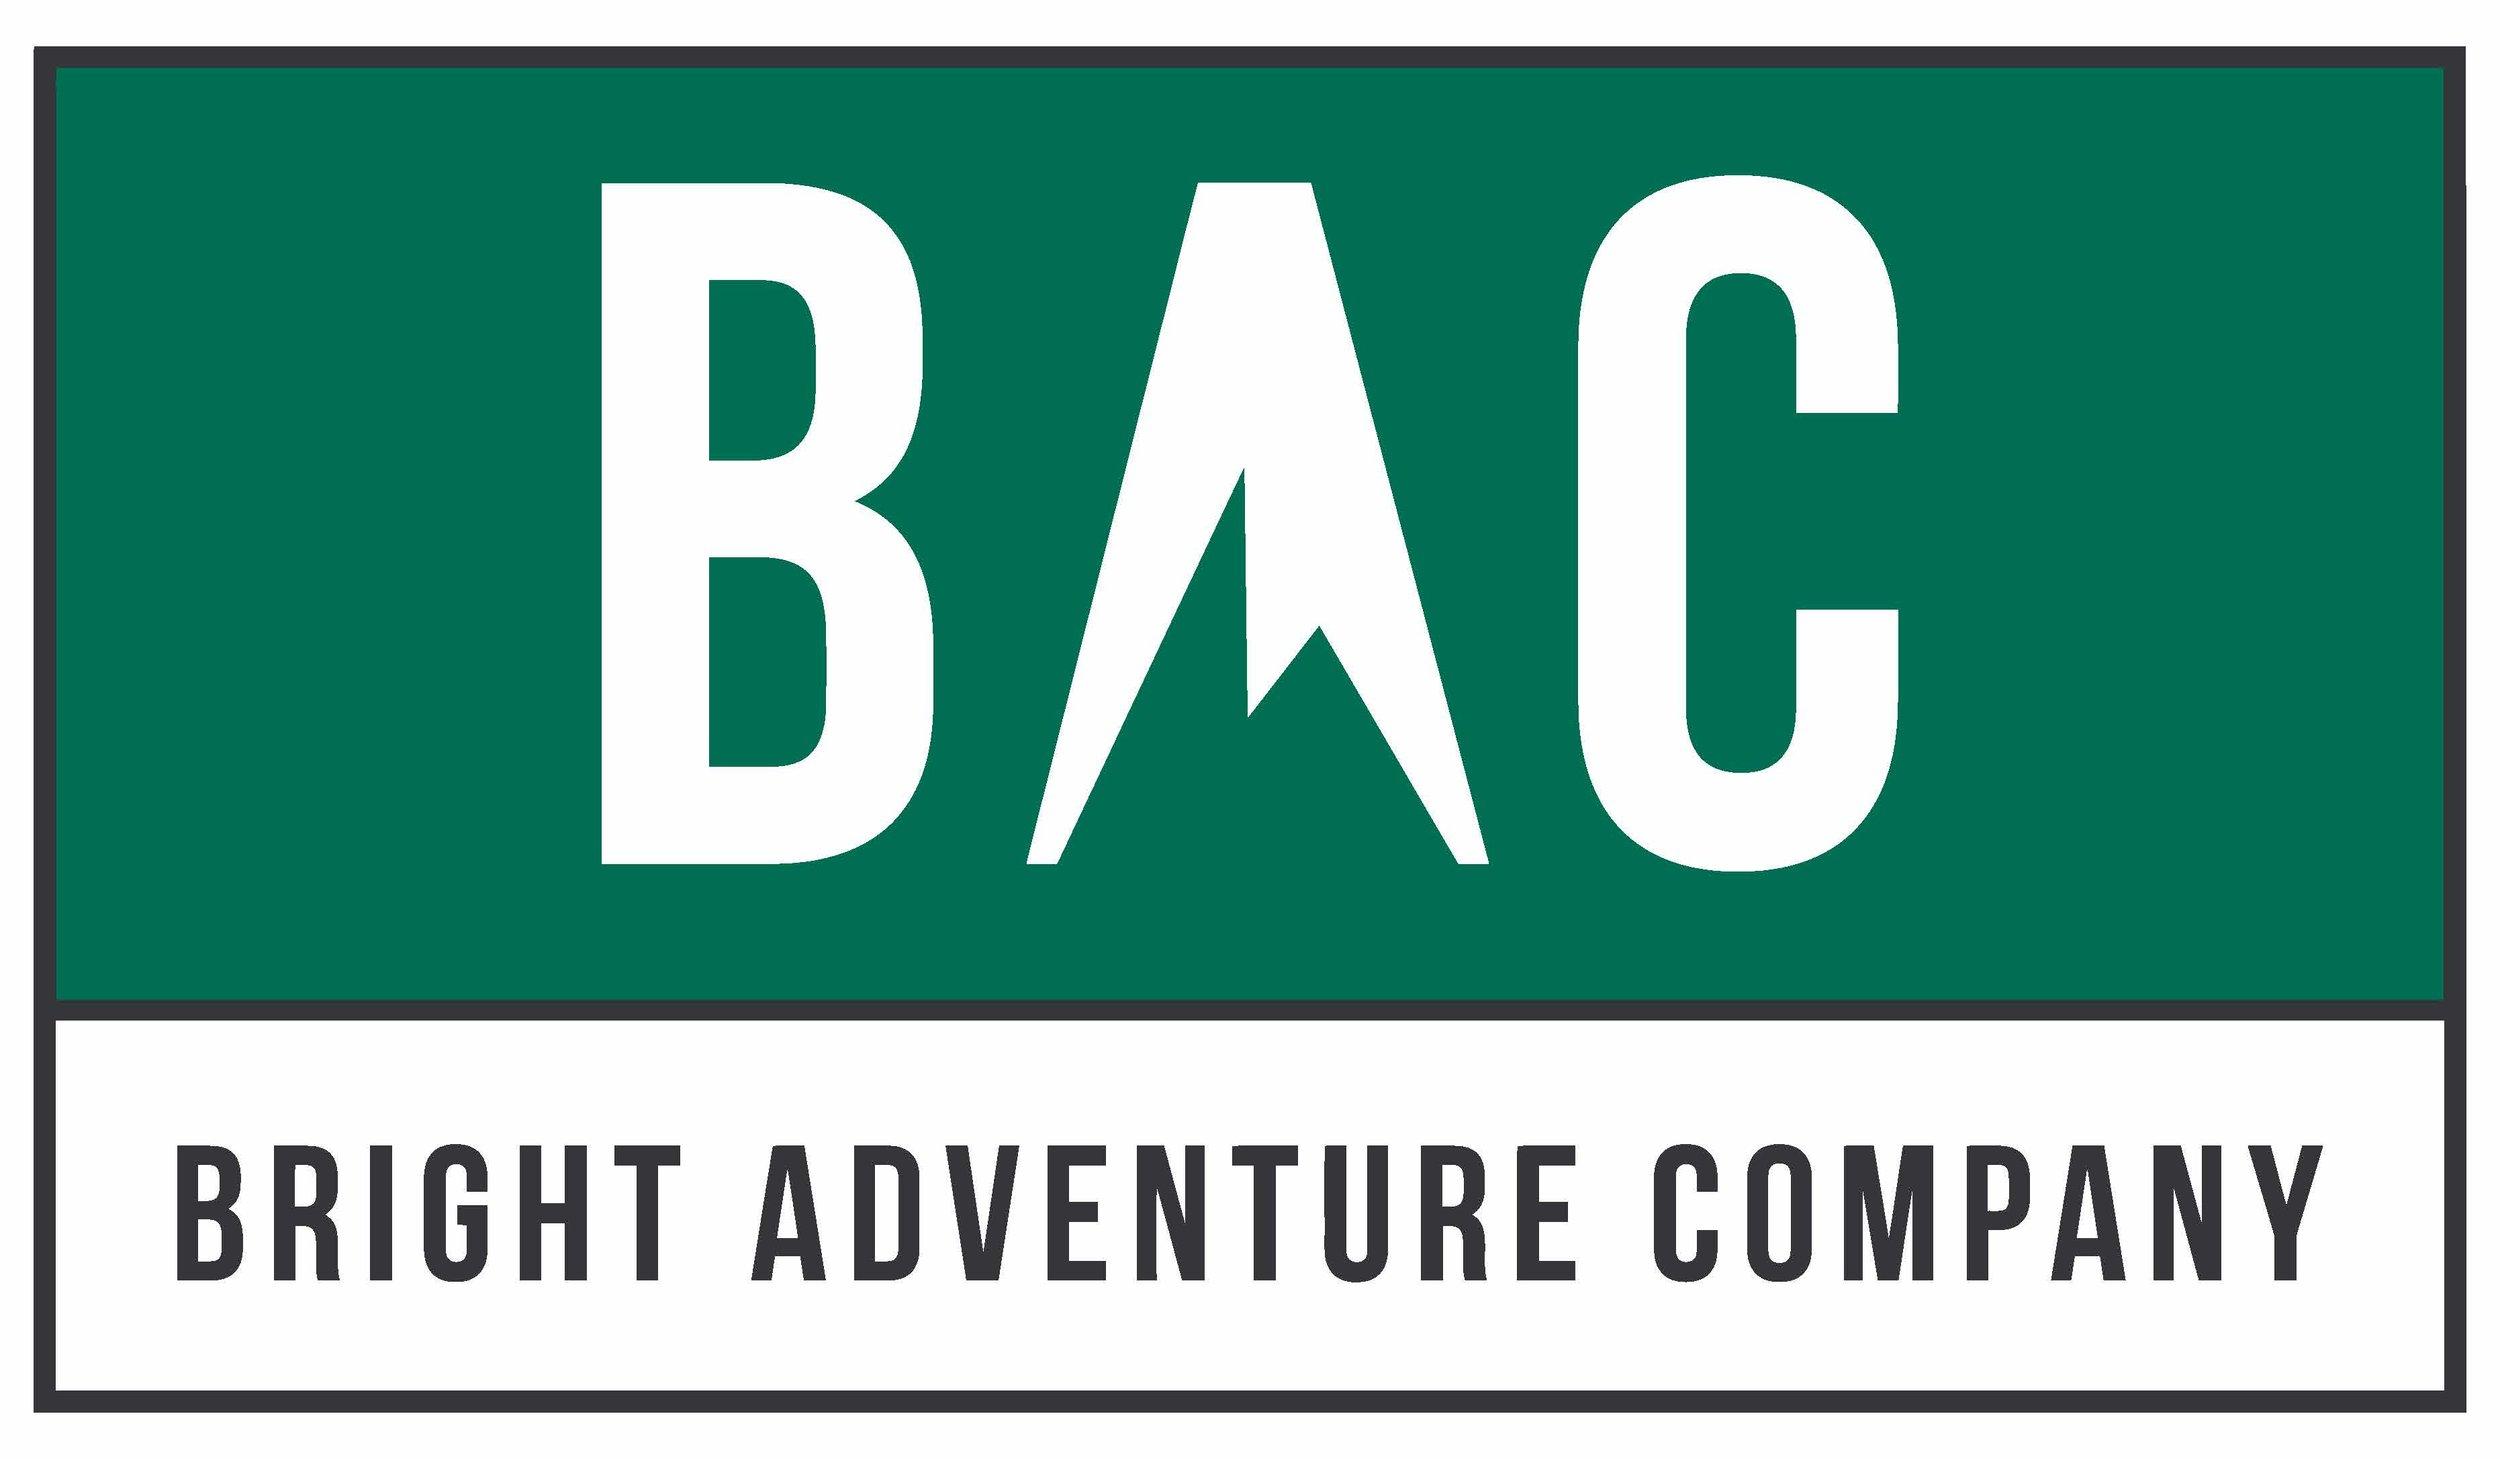 BrightAdvCo Logo stroke-and-fill.jpg